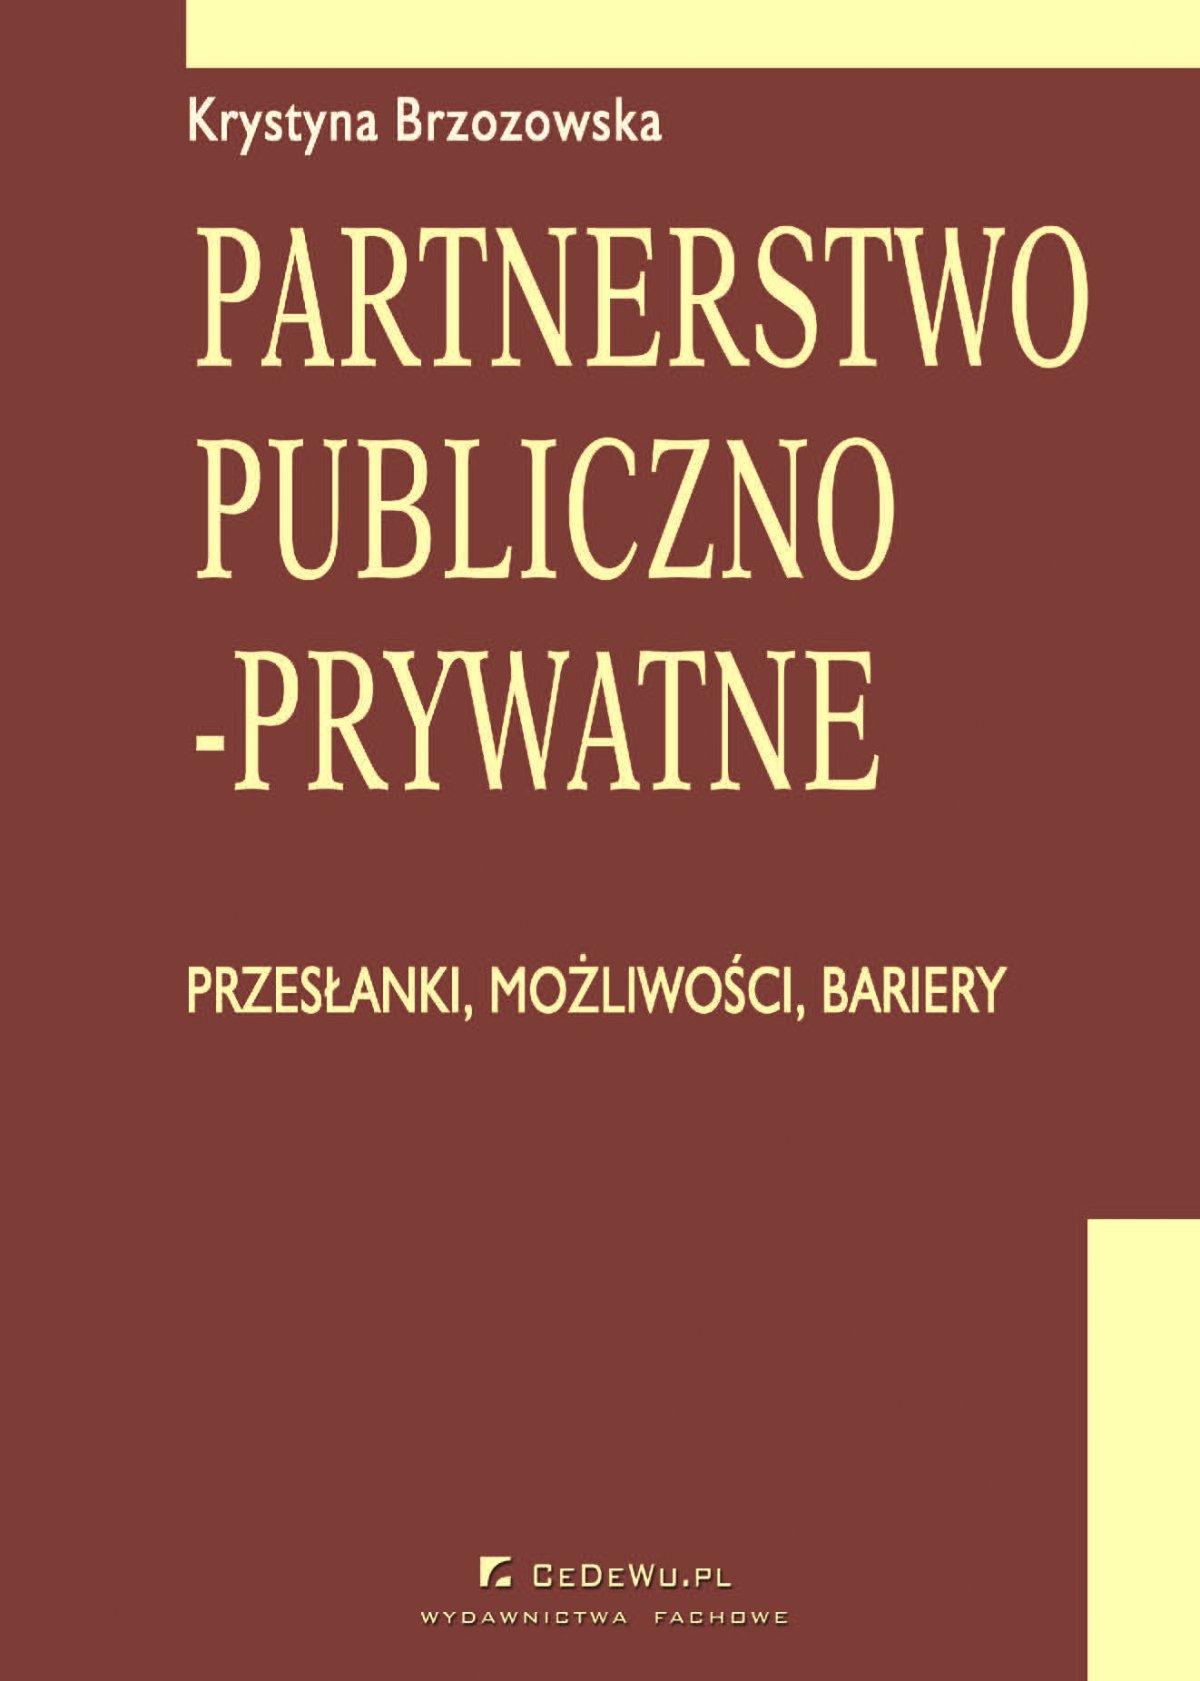 Partnerstwo publiczno-prywatne. Przesłanki, możliwości, bariery - Ebook (Książka PDF) do pobrania w formacie PDF